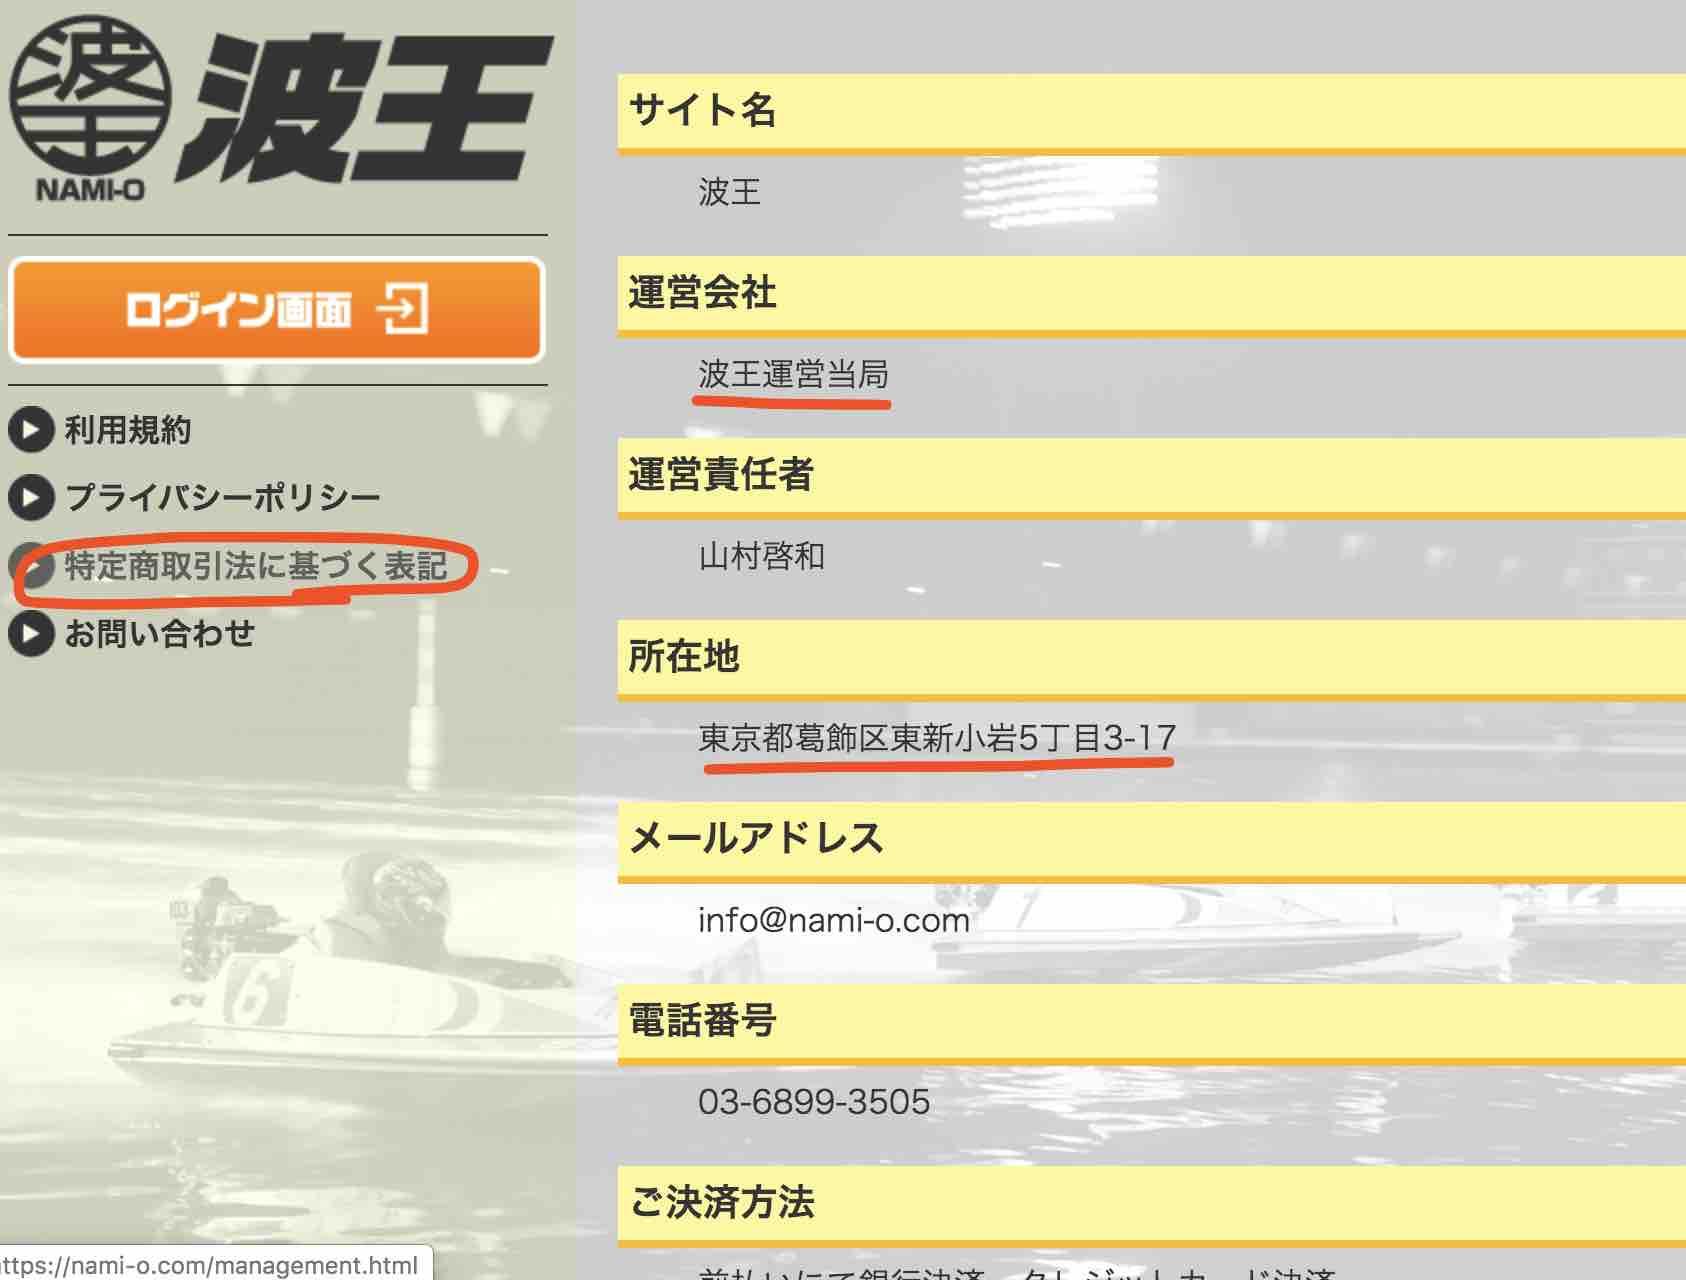 波王という競艇予想サイトの特定商取引法に基づく表記